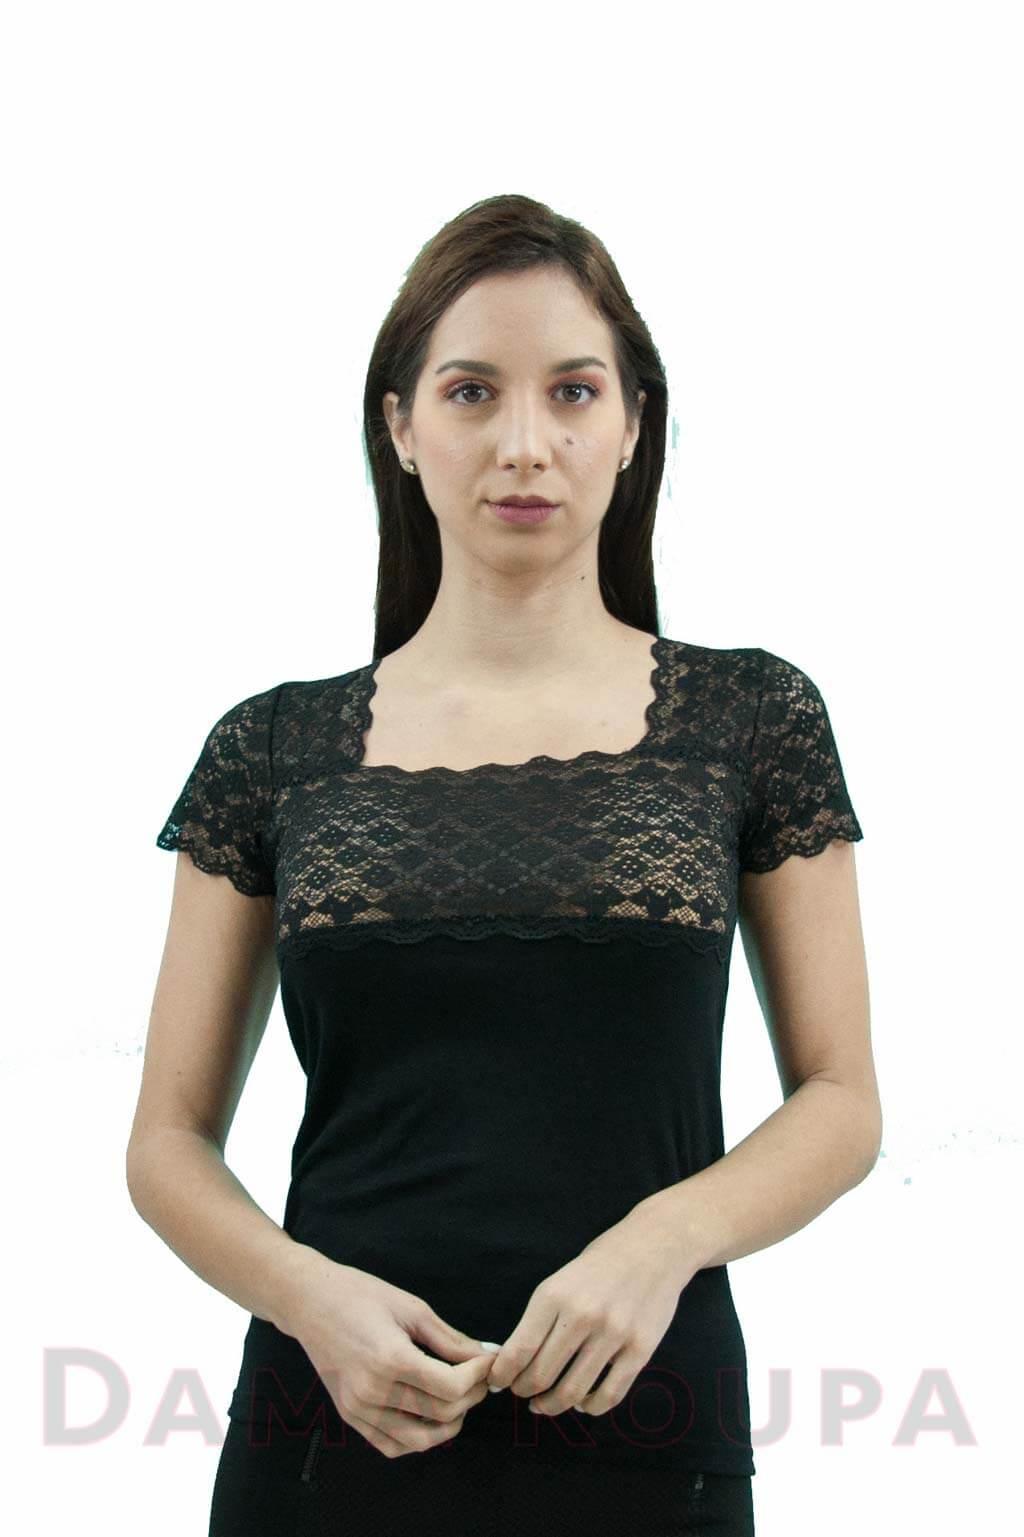 9a9711b9302 Μαύρο μπλουζάκι με δαντέλα Dama Koupa